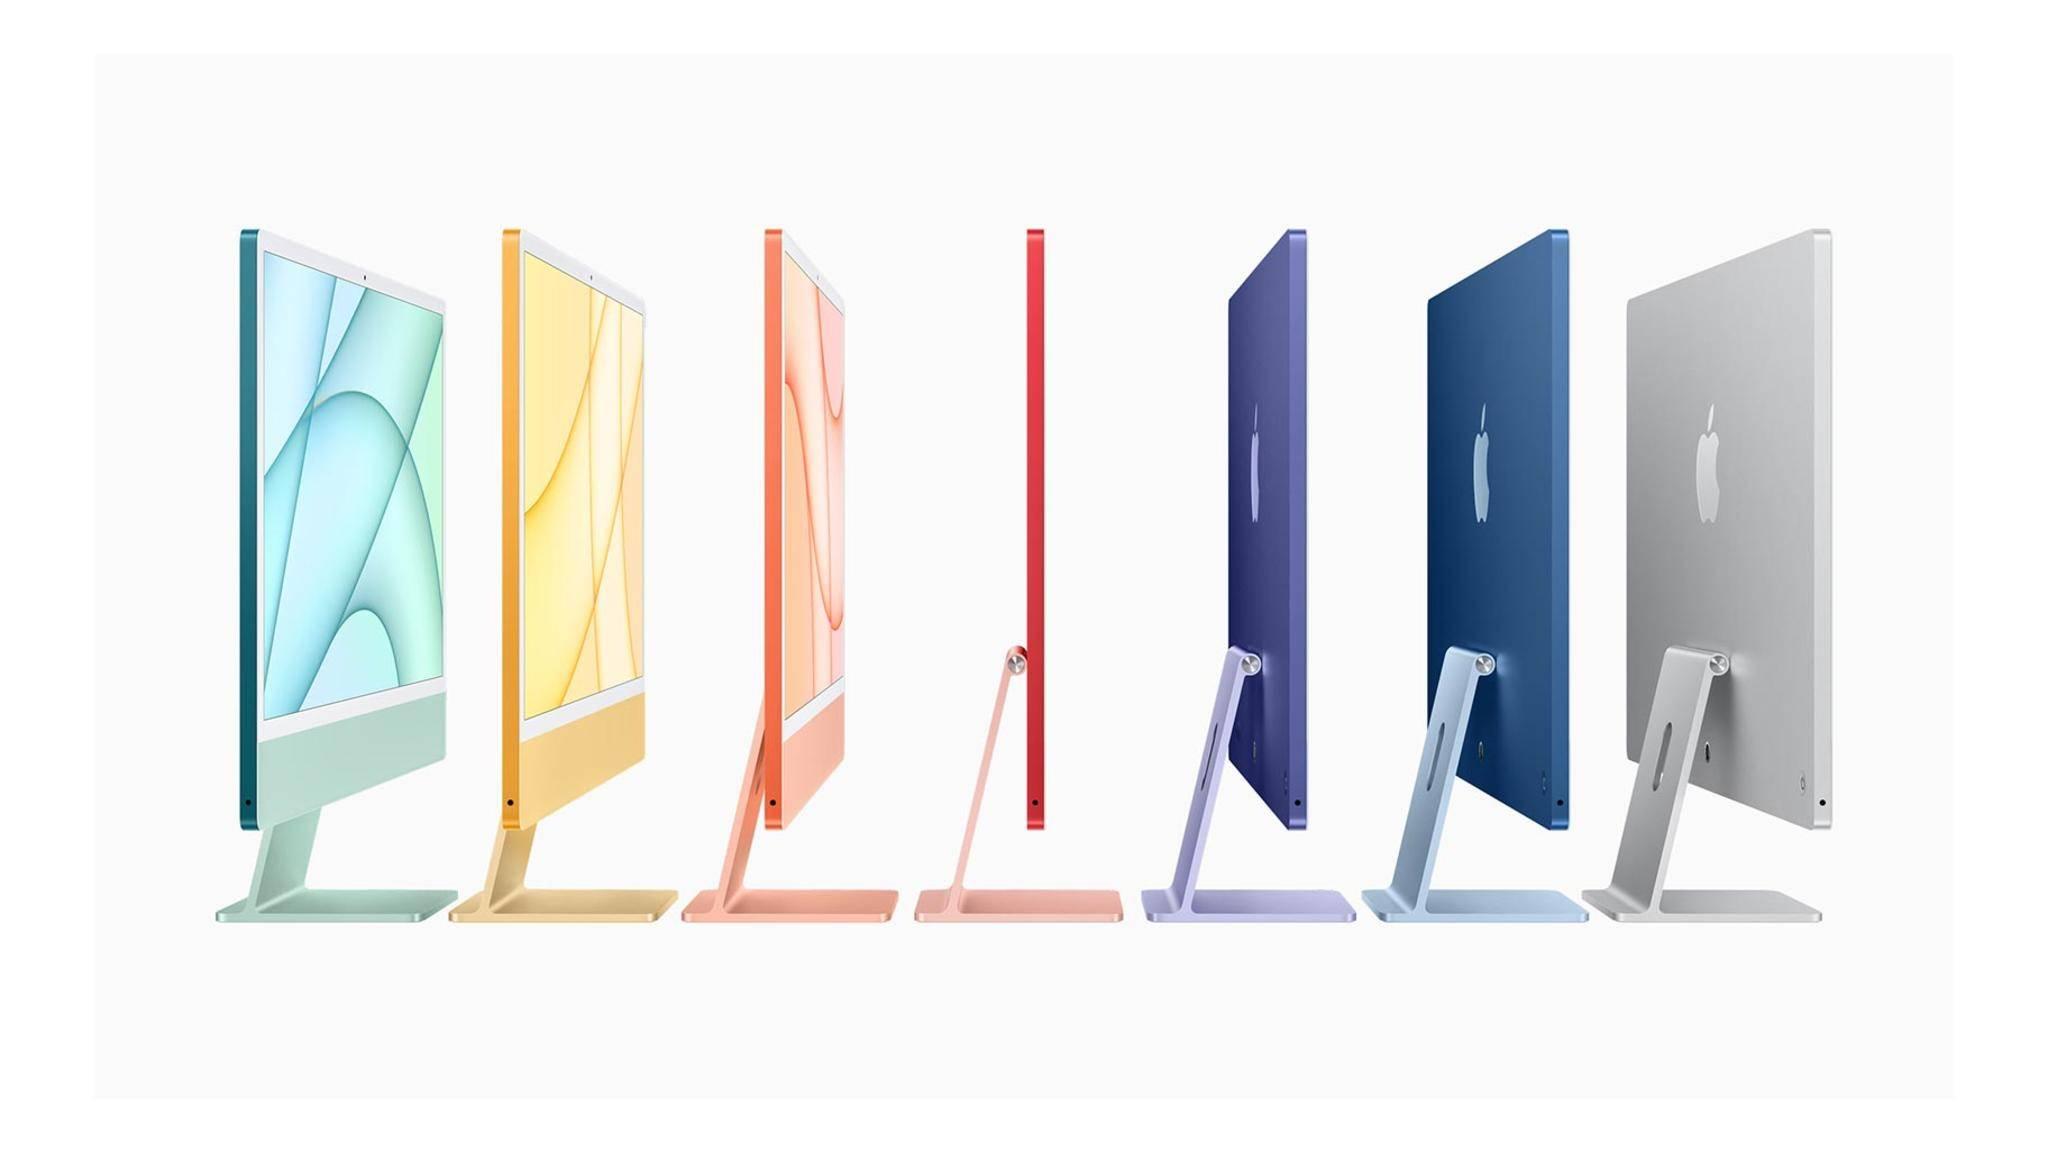 Der iMac wird farbenfroher, leistungsstärker – und schicker.